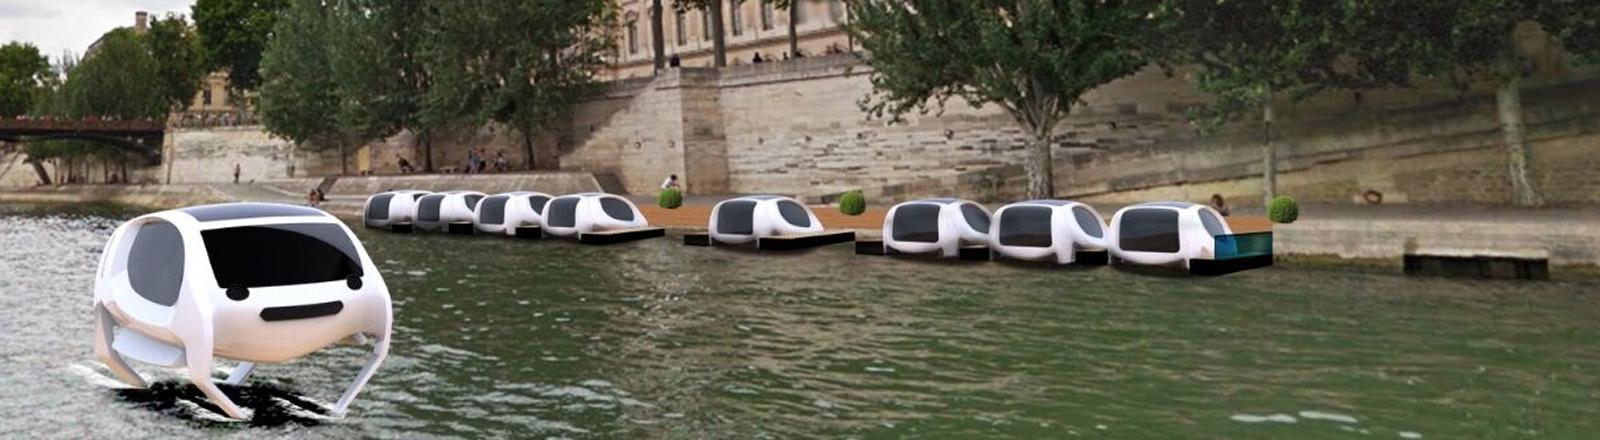 Seabubbles-Wassertaxis auf der Seine